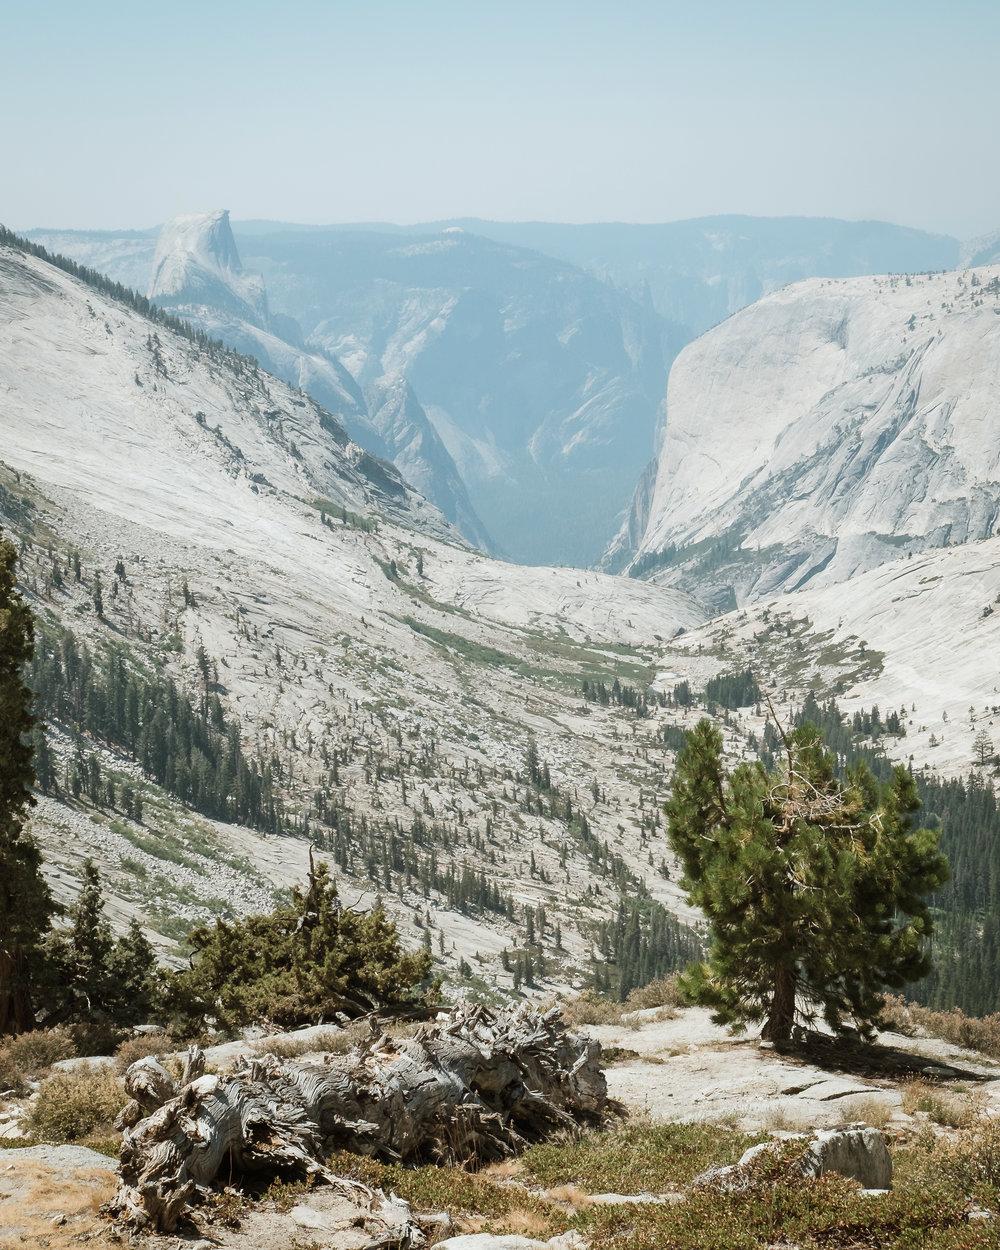 yosemite-national-park-high-sierras-loop.jpg